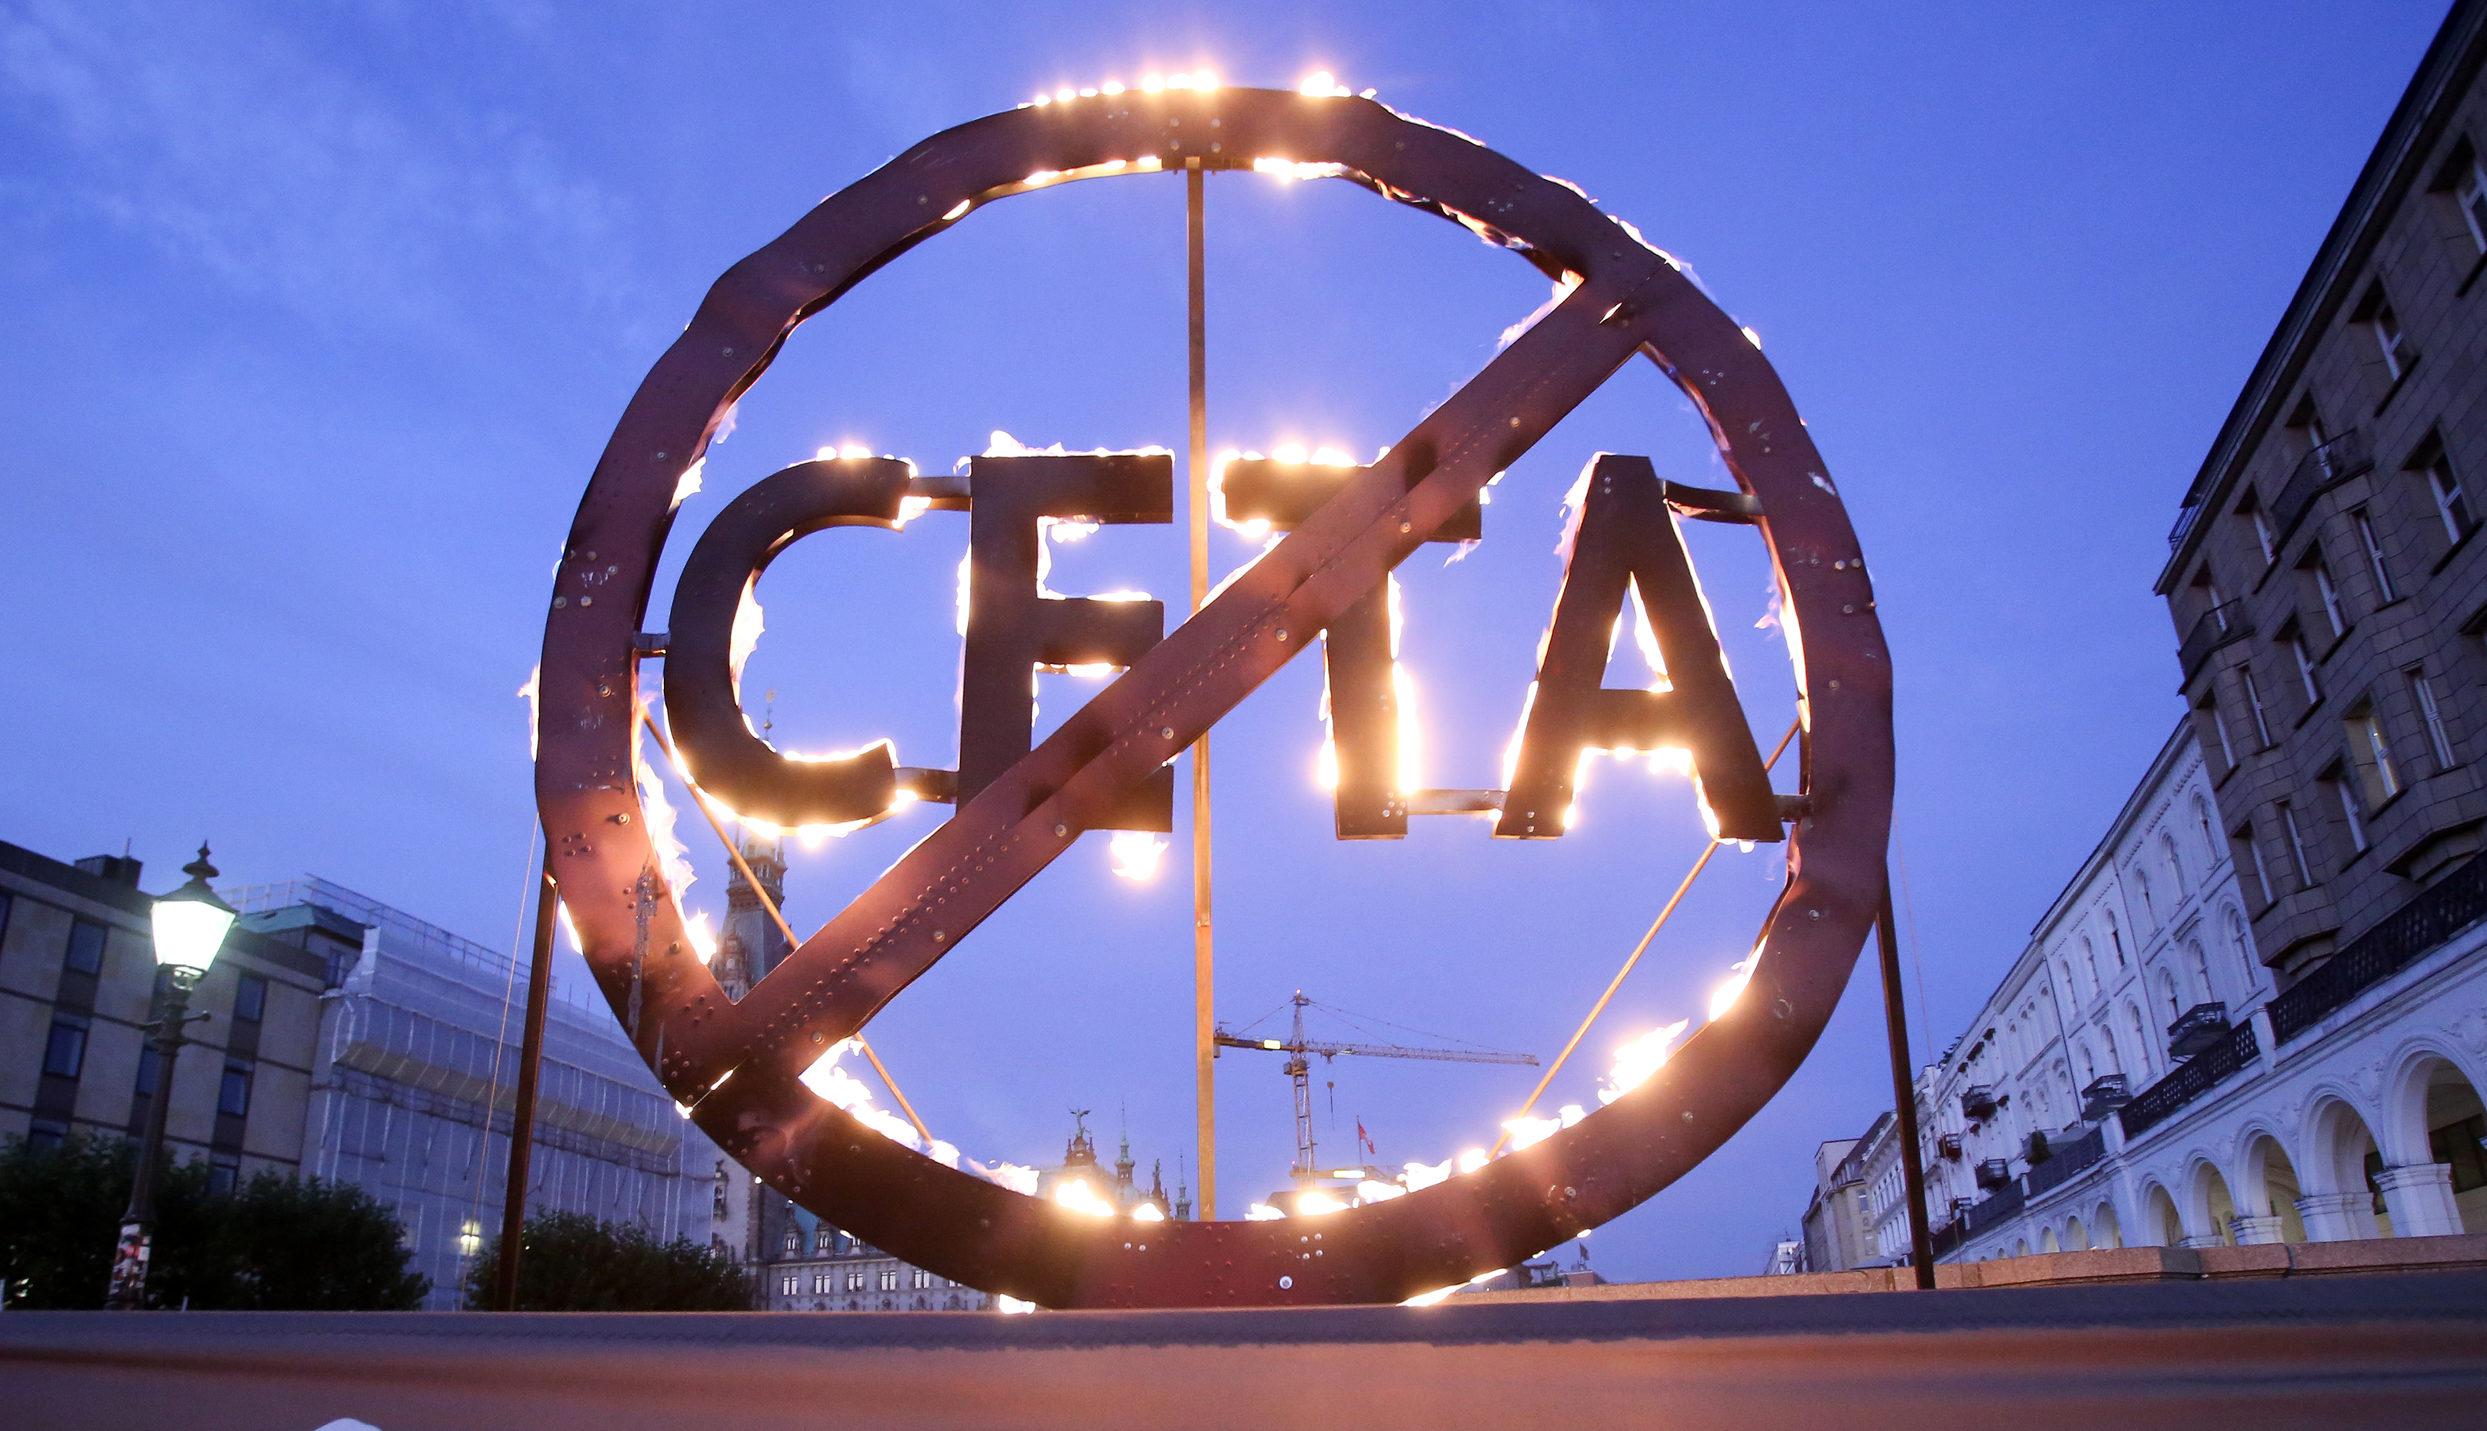 """Greenpeace activists demonstrate for more resistance against the Canadian European Trade Agreement (CETA) with a burning CETA sign in front of the Parliament in Hamburg. Fuer mehr Widerstand gegen das hochumstrittene kanadisch-europaeische Handelsabkommen CETA demonstrieren Greenpeace-Aktivisten am fruehen Morgen vor dem Landesparlament in Hamburg. Mit einem drei Meter großen, gluehenden CETA-Symbol und einem Banner warnen die Umweltschuetzer:""""CETA ist brandgefaehrlich""""."""